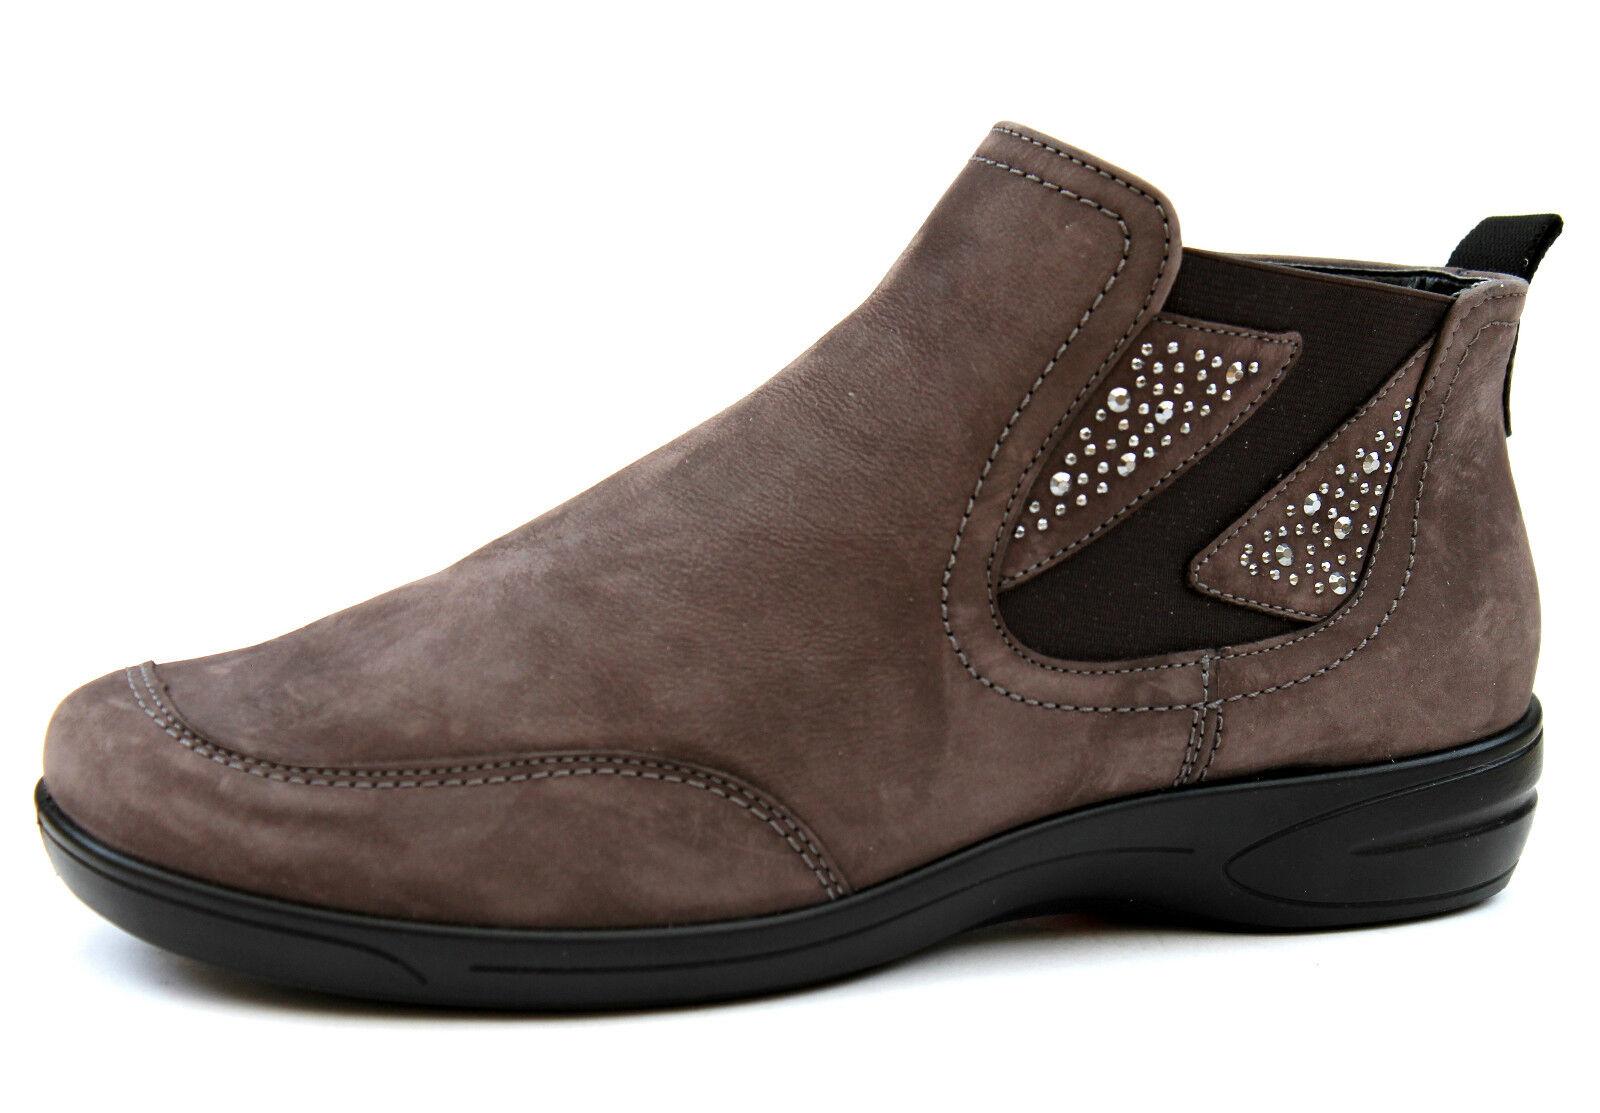 Ara UK 4.5 4.5 4.5 Mink Suede Leather Zip Up Embellished Elasticated Ankle Stiefel 36de07